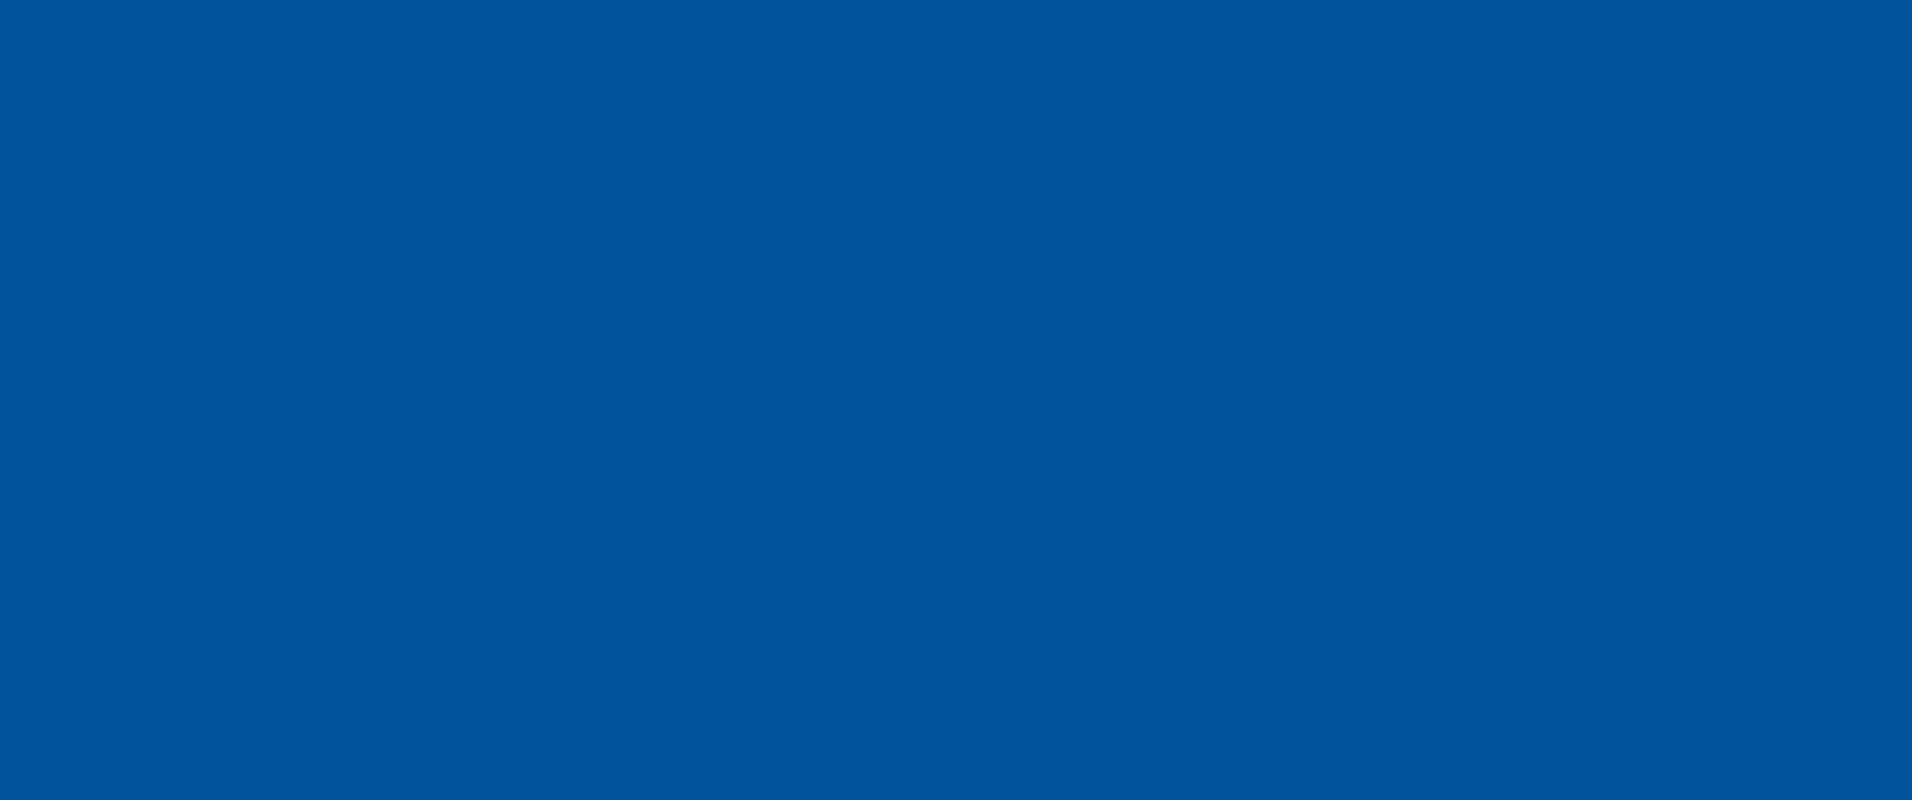 Marqueur textile - médium 2-4 mm, bleu